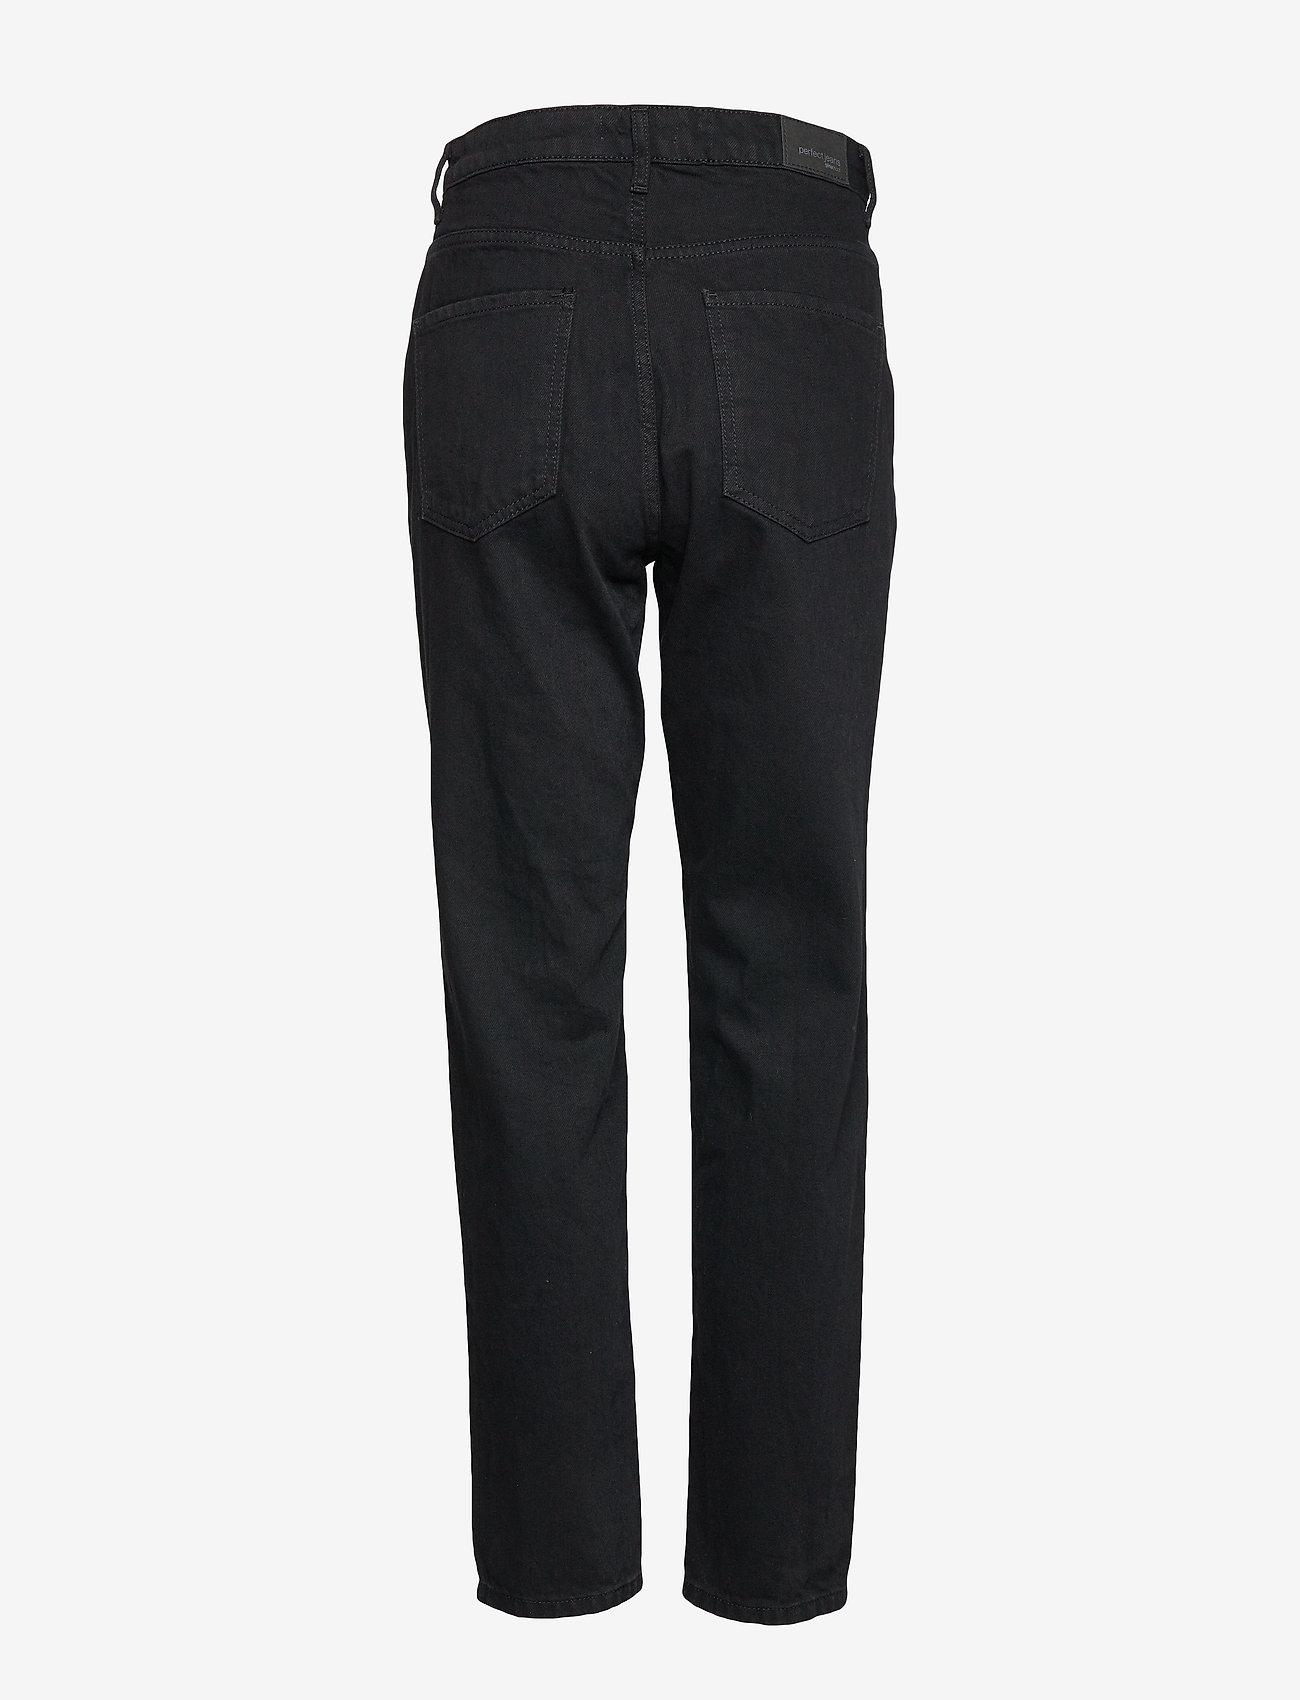 Gina Tricot - Dagny mom jeans - mom jeans - black - 1